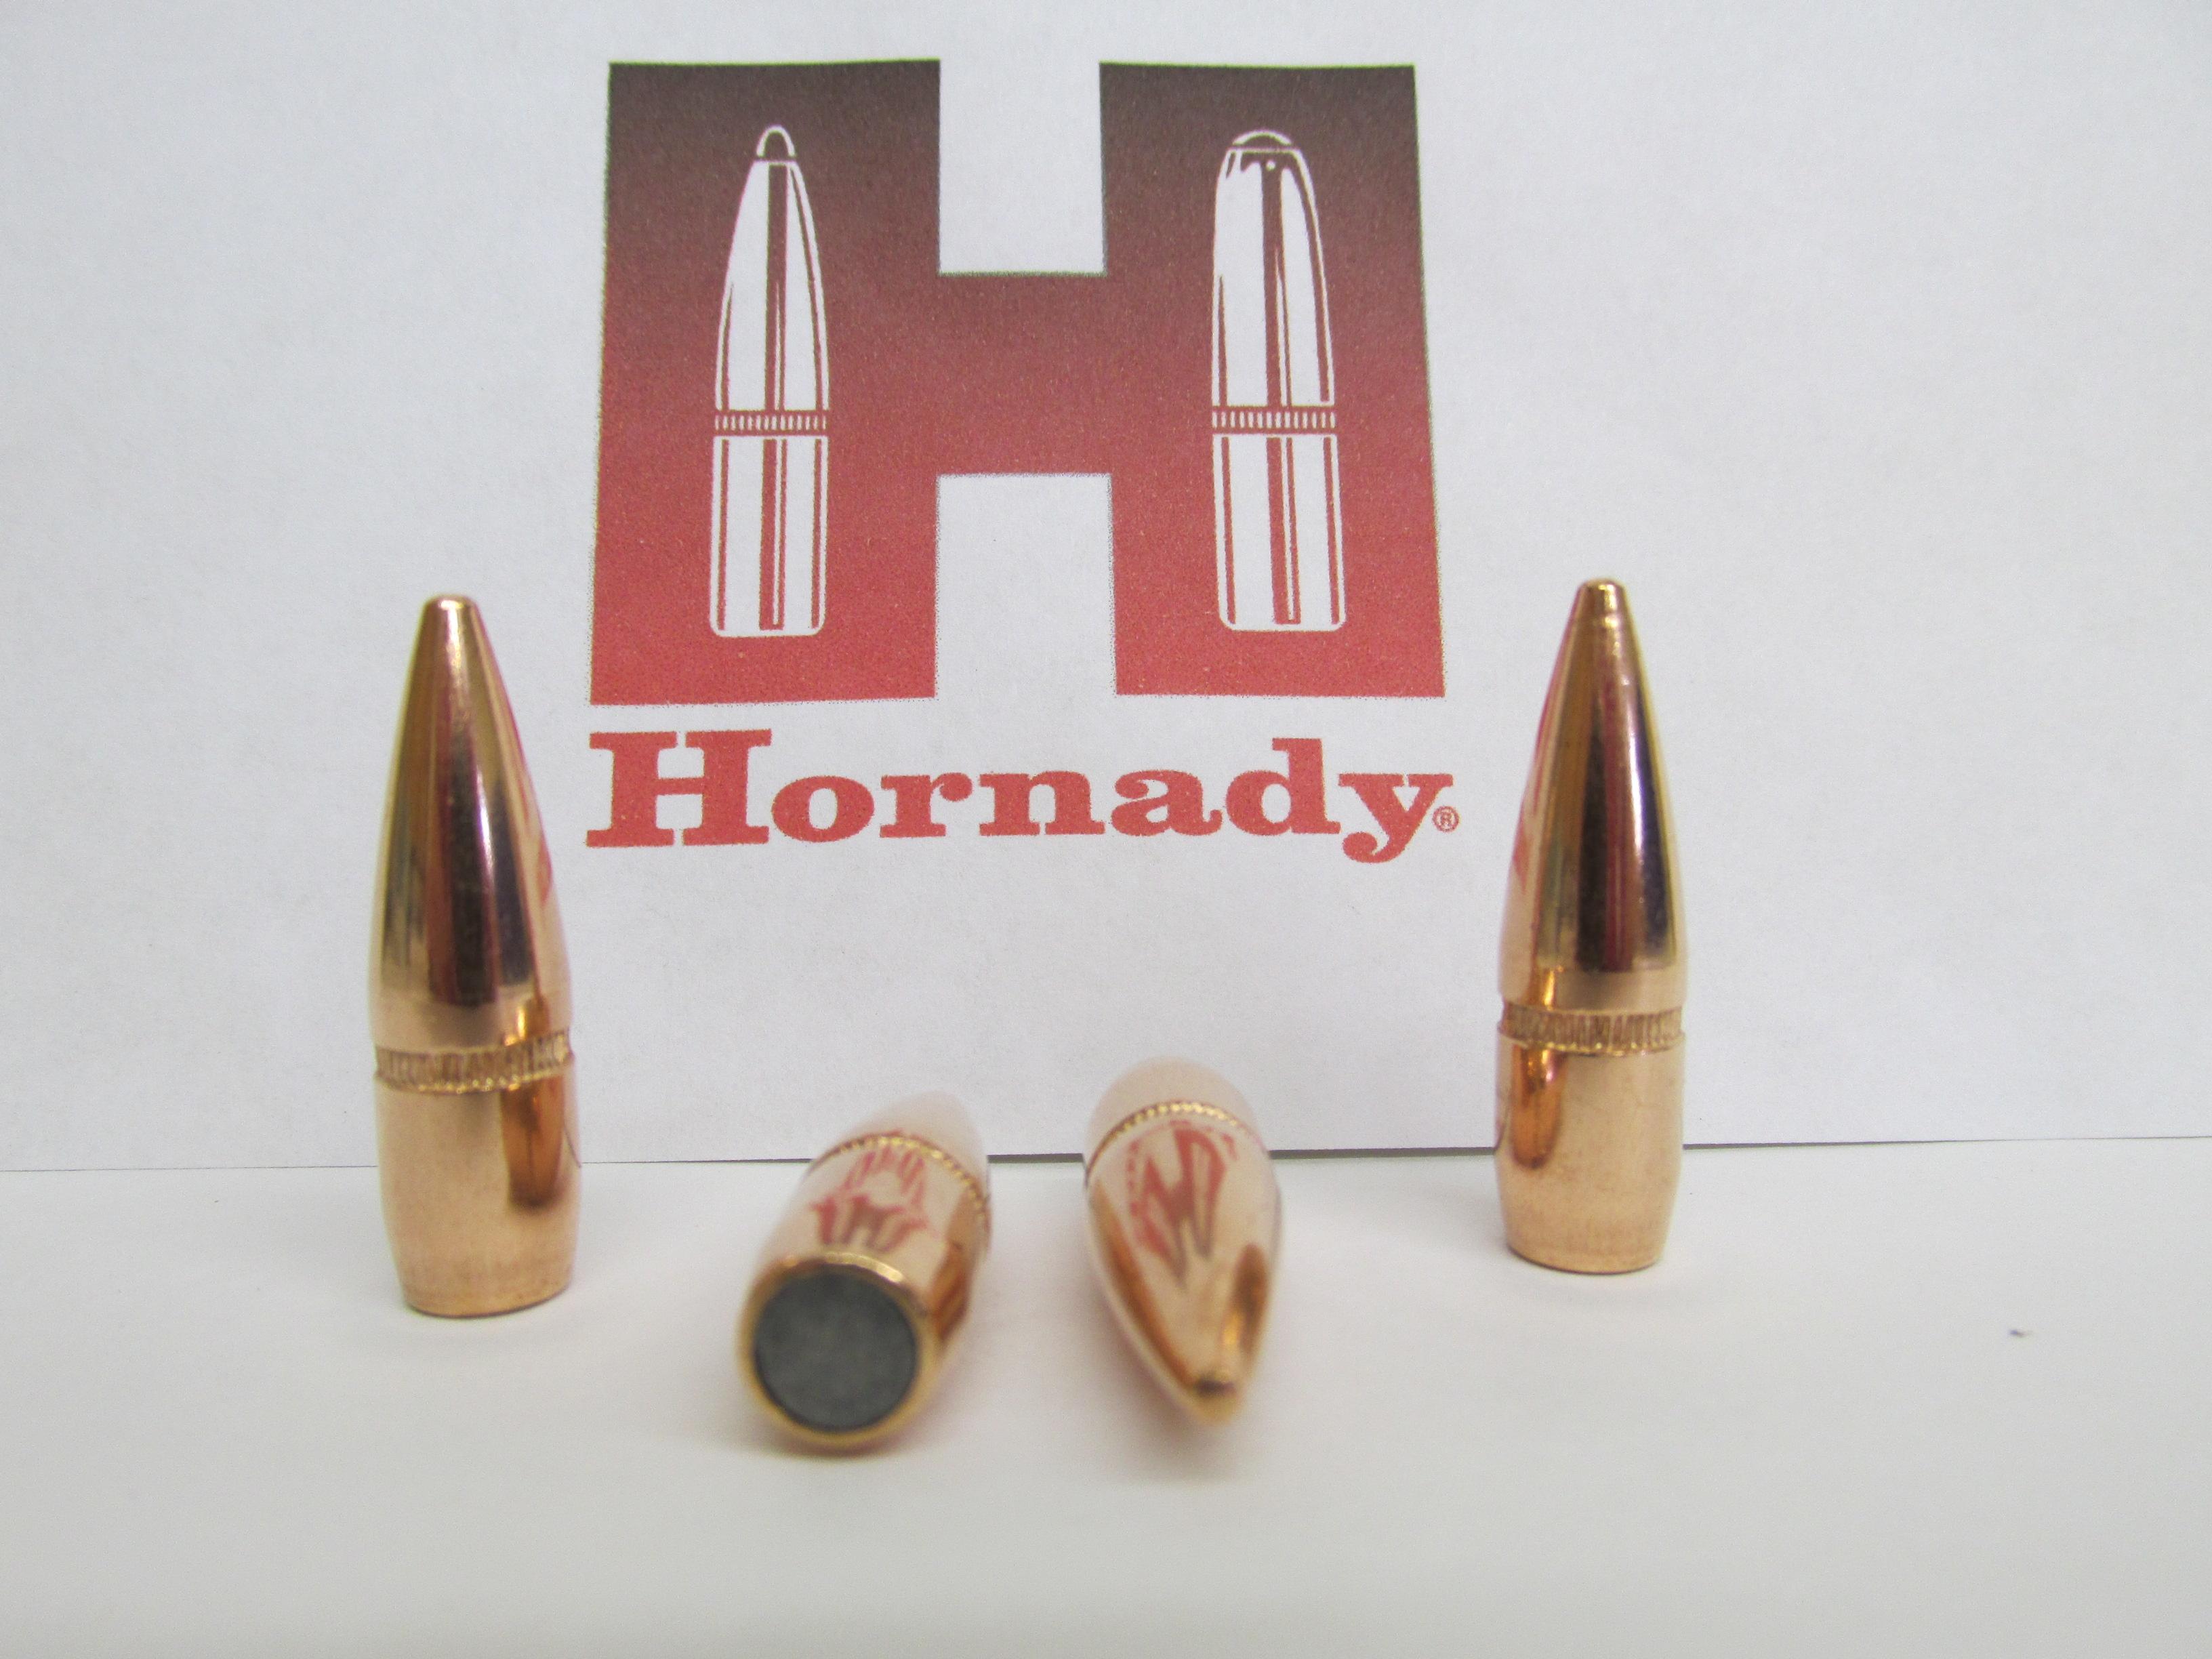 Hornady 30 Cal 150 gr. FMJ BT Jacketed Rifle Bullet